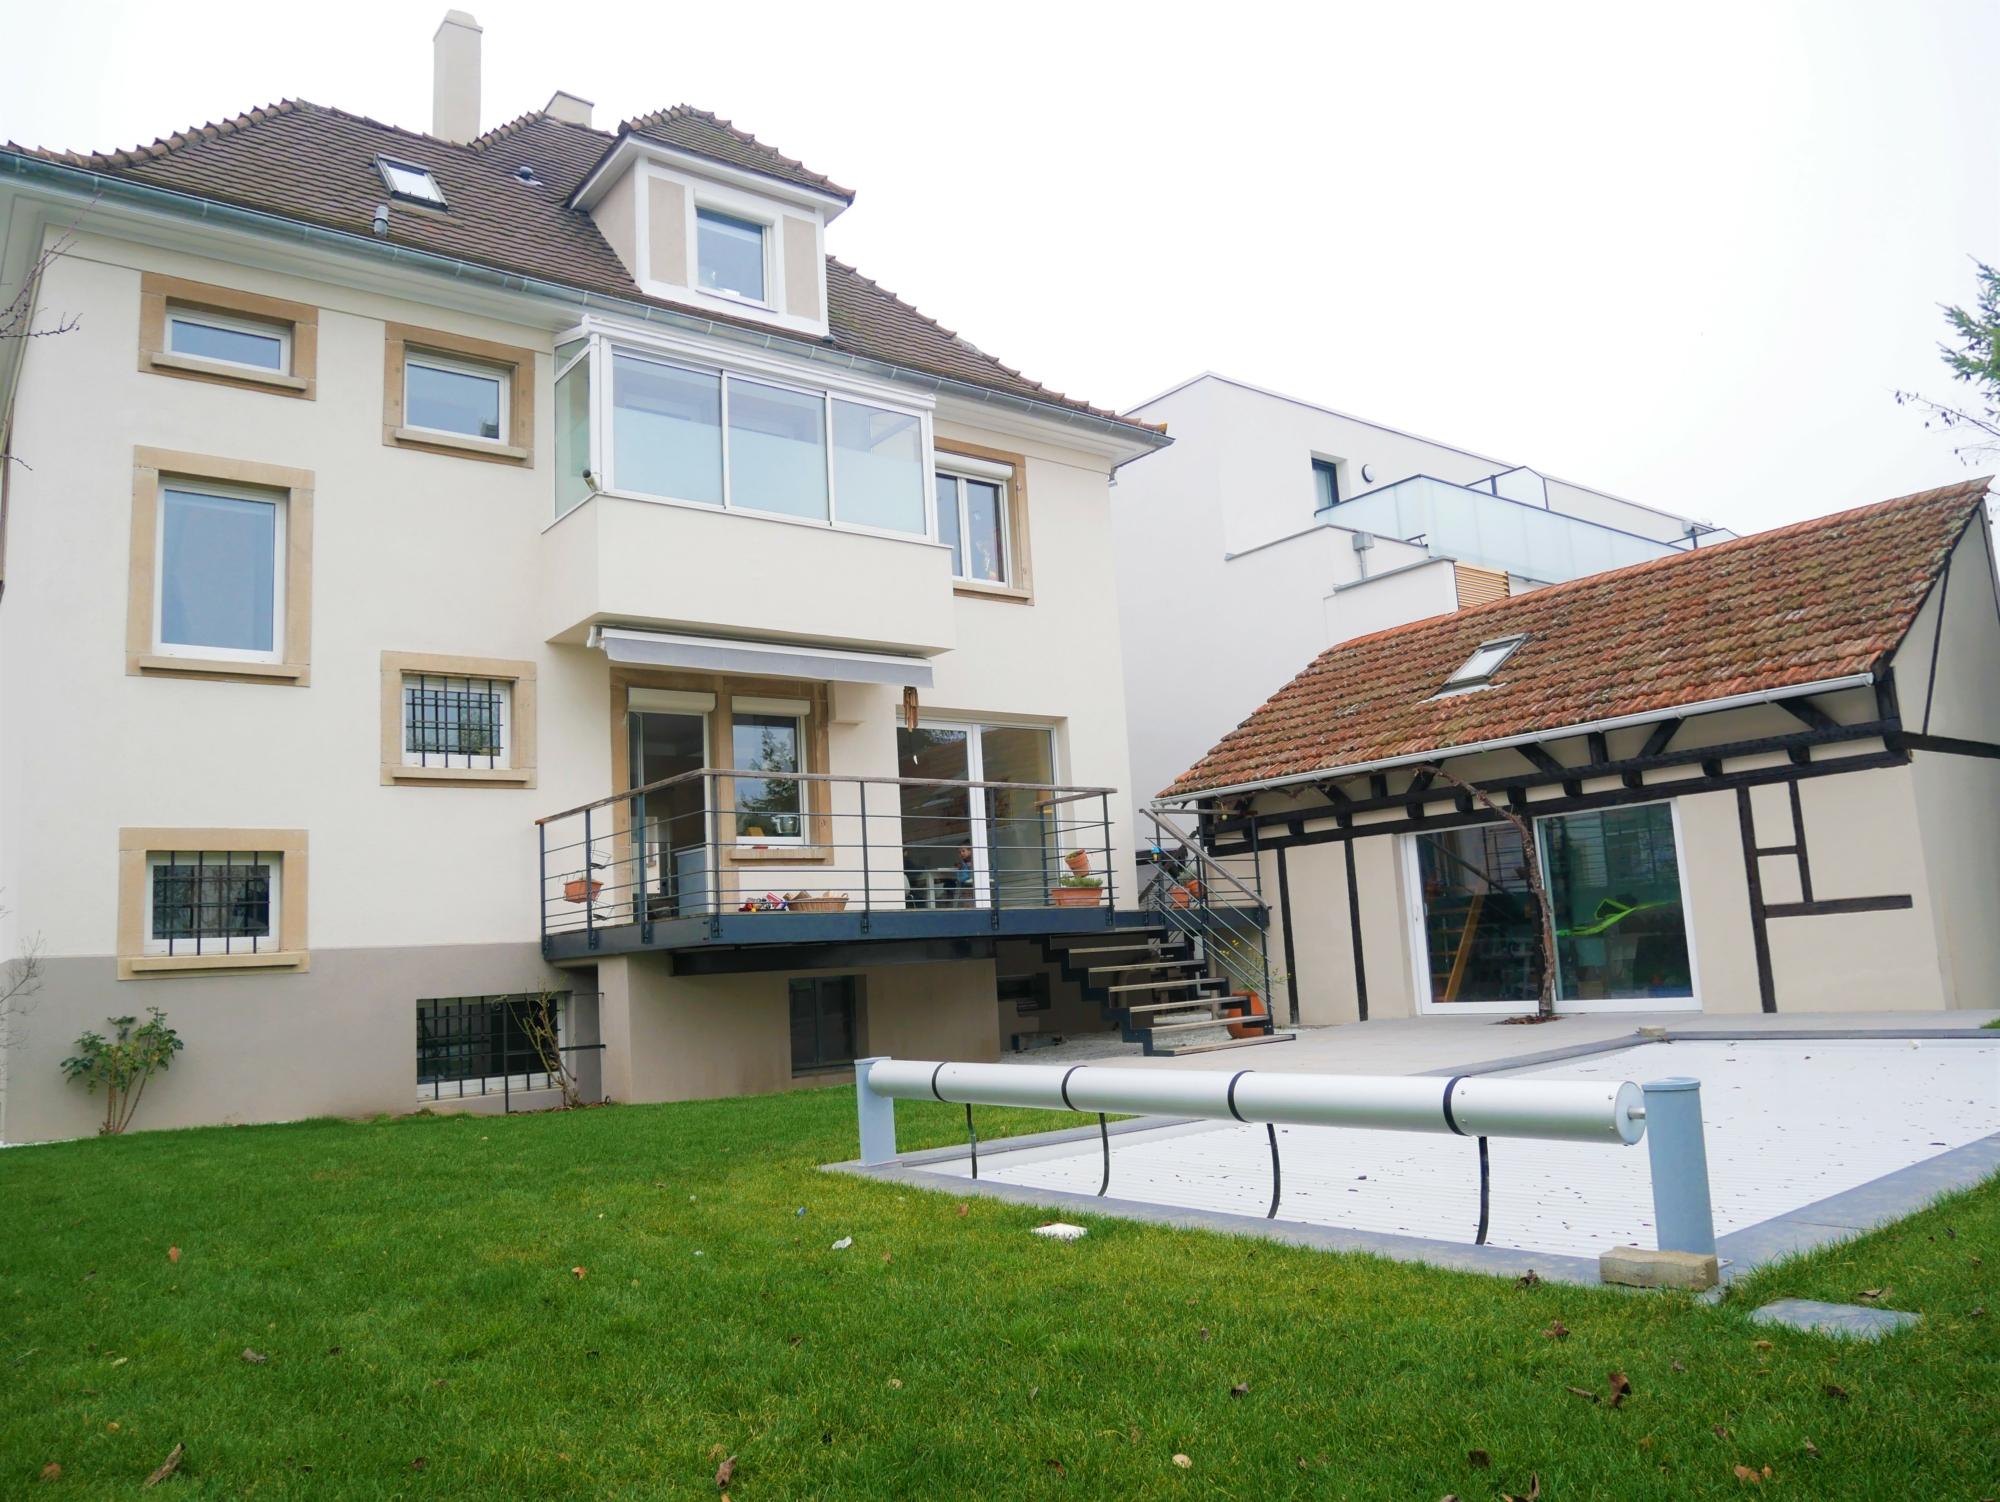 [Pool] Maison 6 pièces meublée avec piscine et jardin / Illkirch - Route de Lyon - nos locations - Beausite Immobilier 1